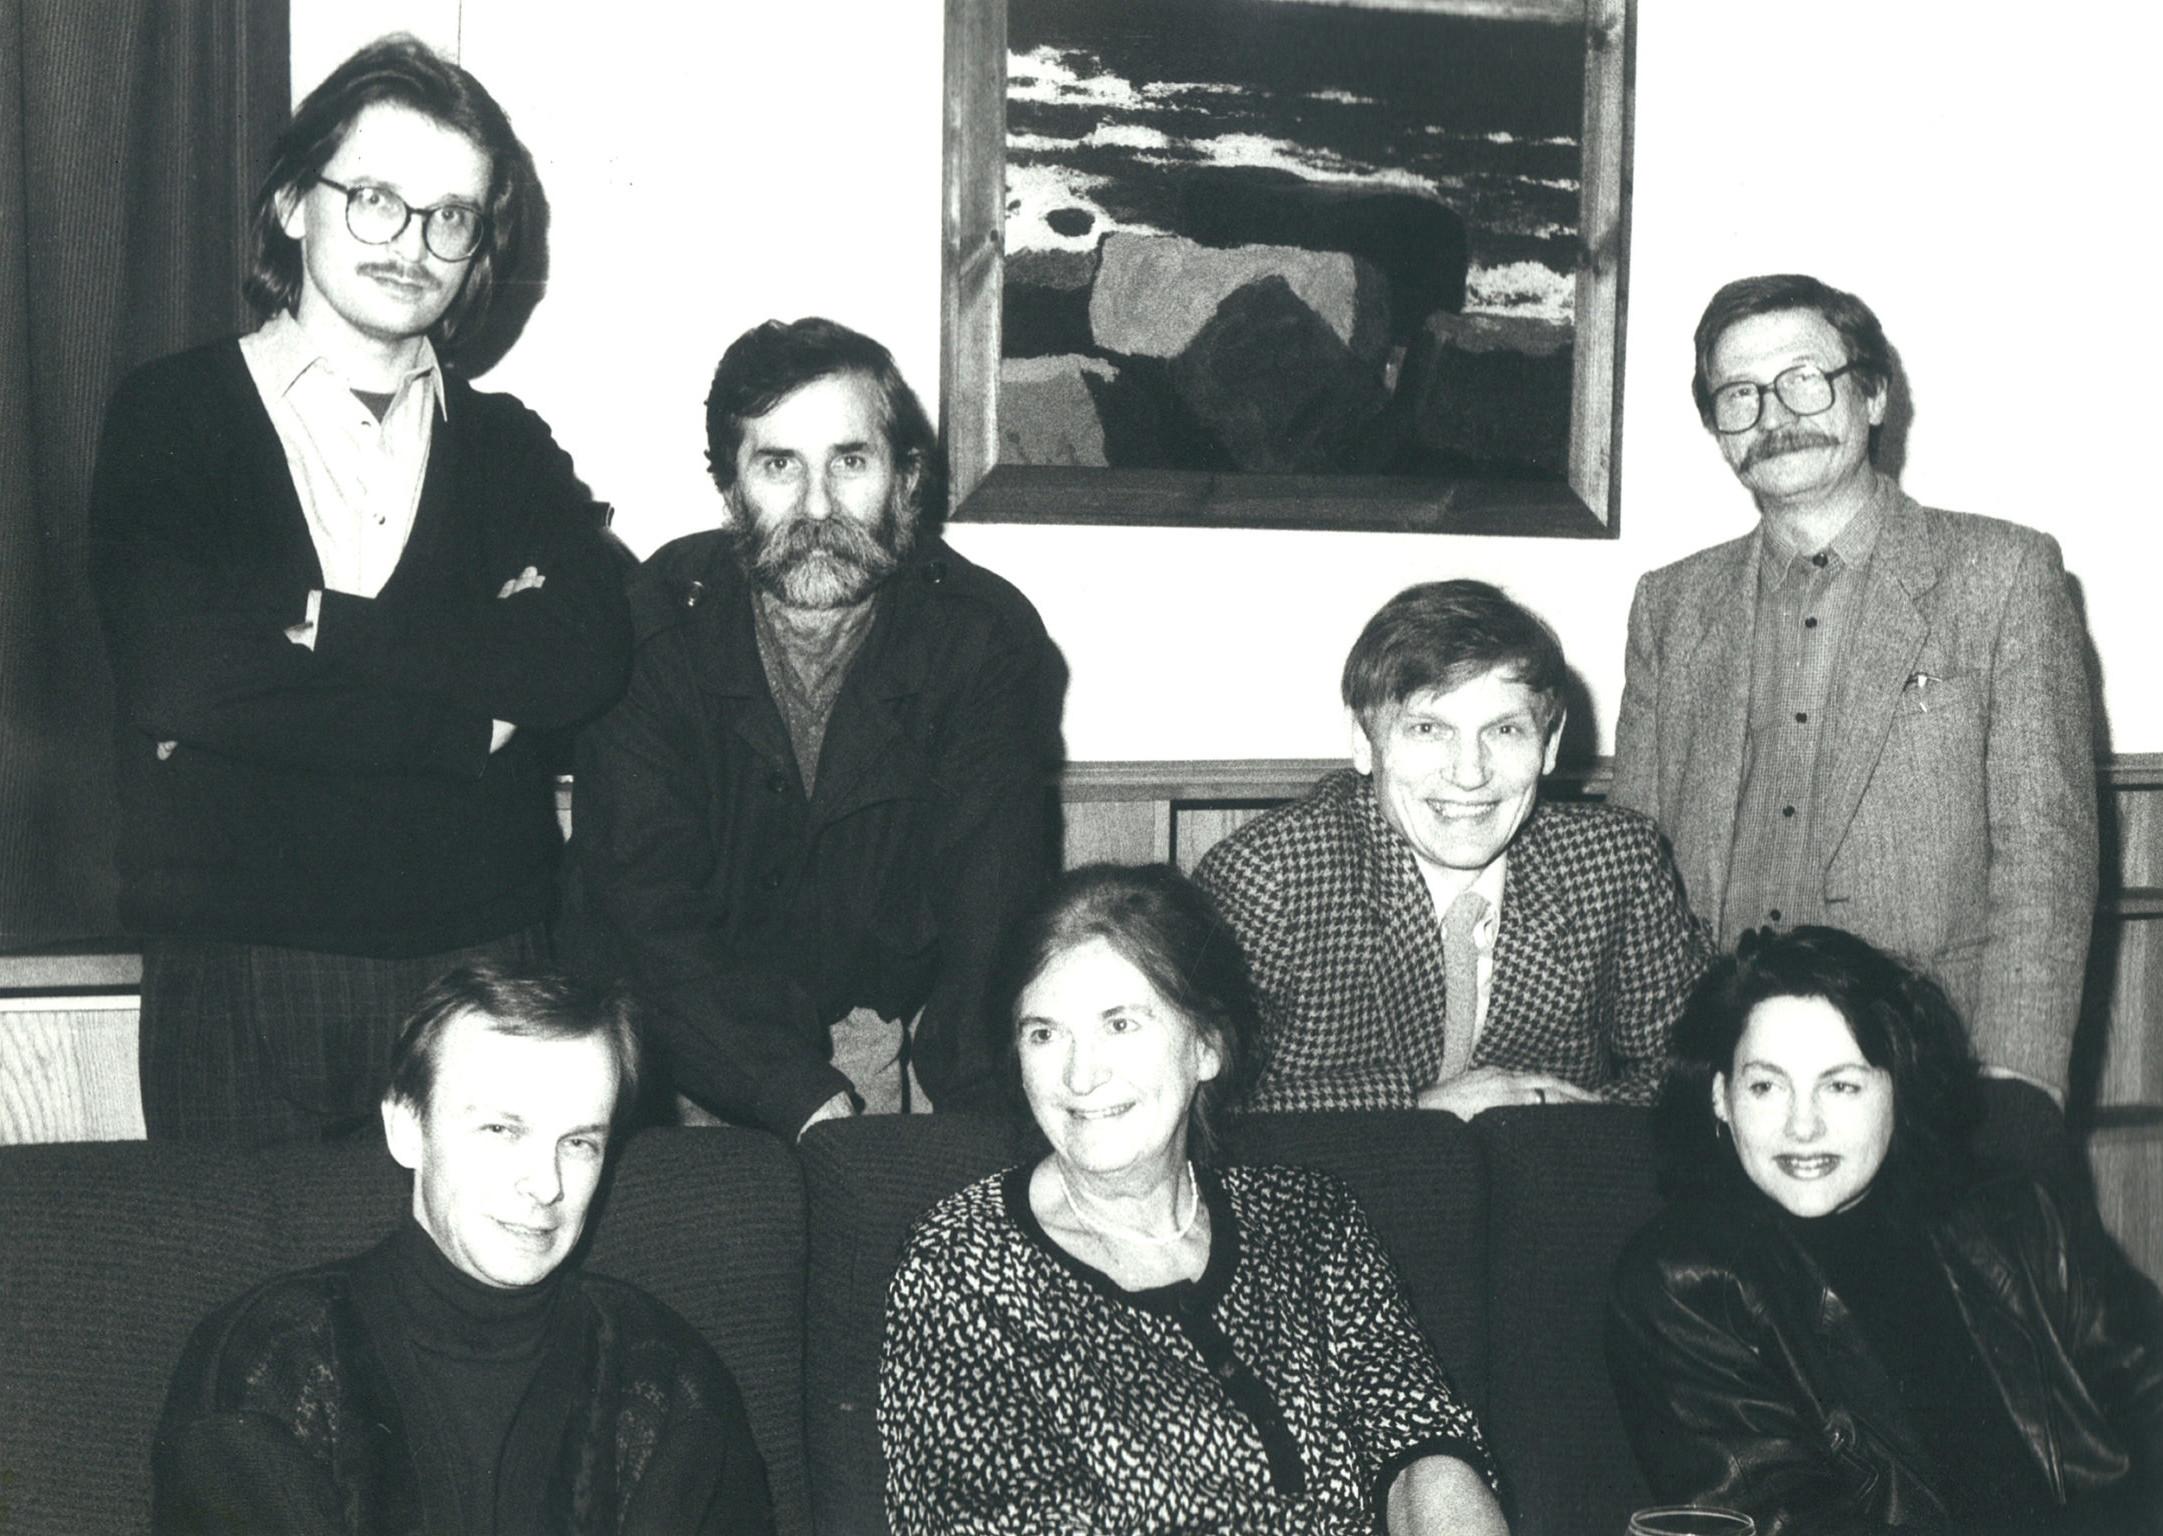 GTPS - spotkanie redakcyjne podczas prac nad albumem Malarskie Widzenie; Wojciech Zaniewski jako redaktor prowadzący, Gdańsk 1993